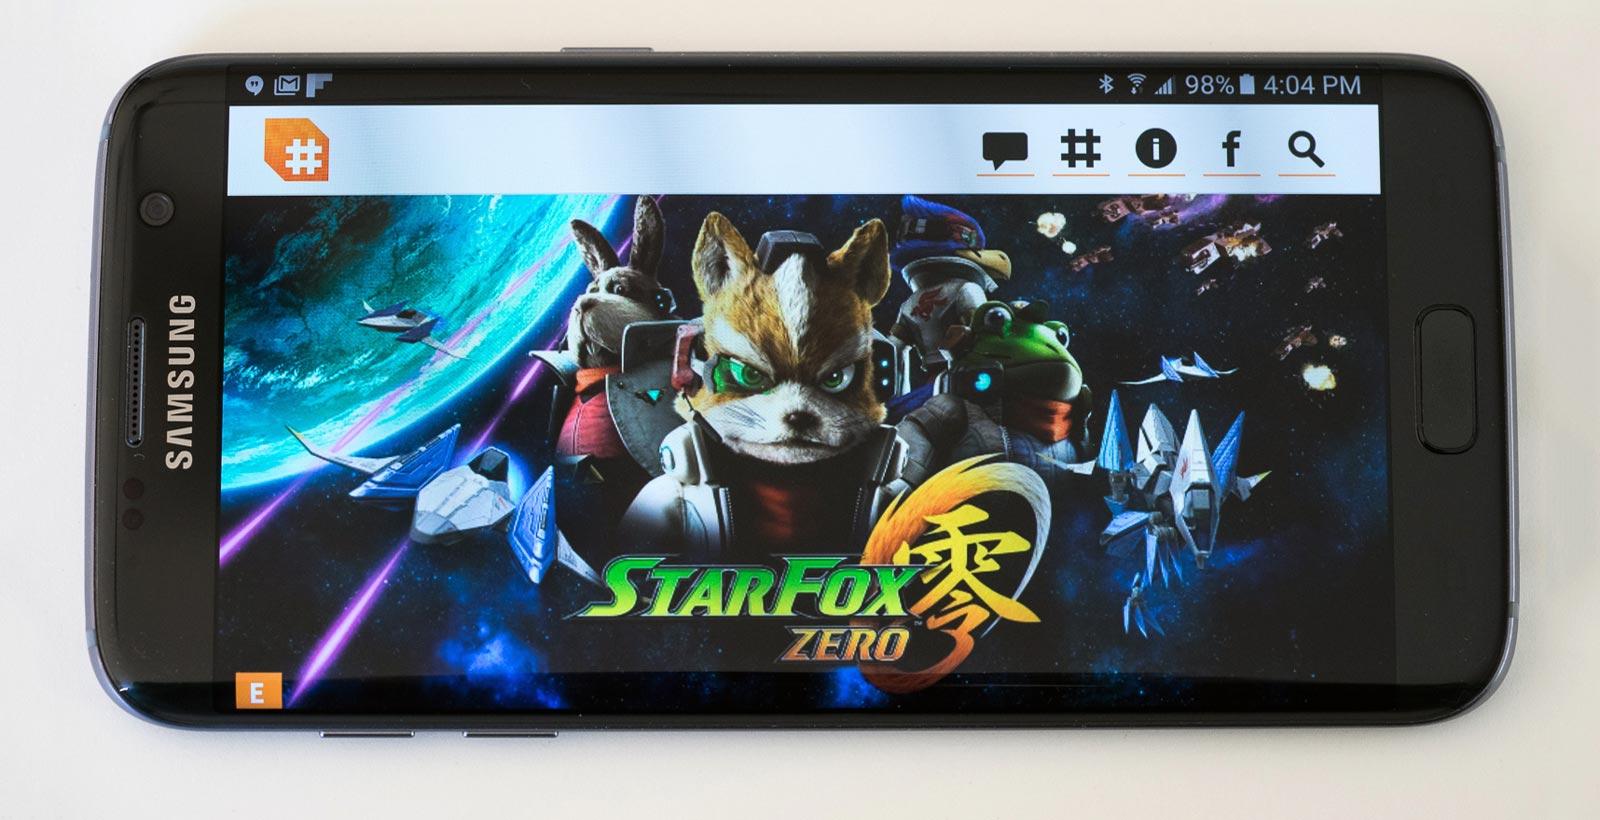 Un aperçu du GalaxyS7 Edge, dont les couleurs de l'écran sont identiques au GalaxyS7.